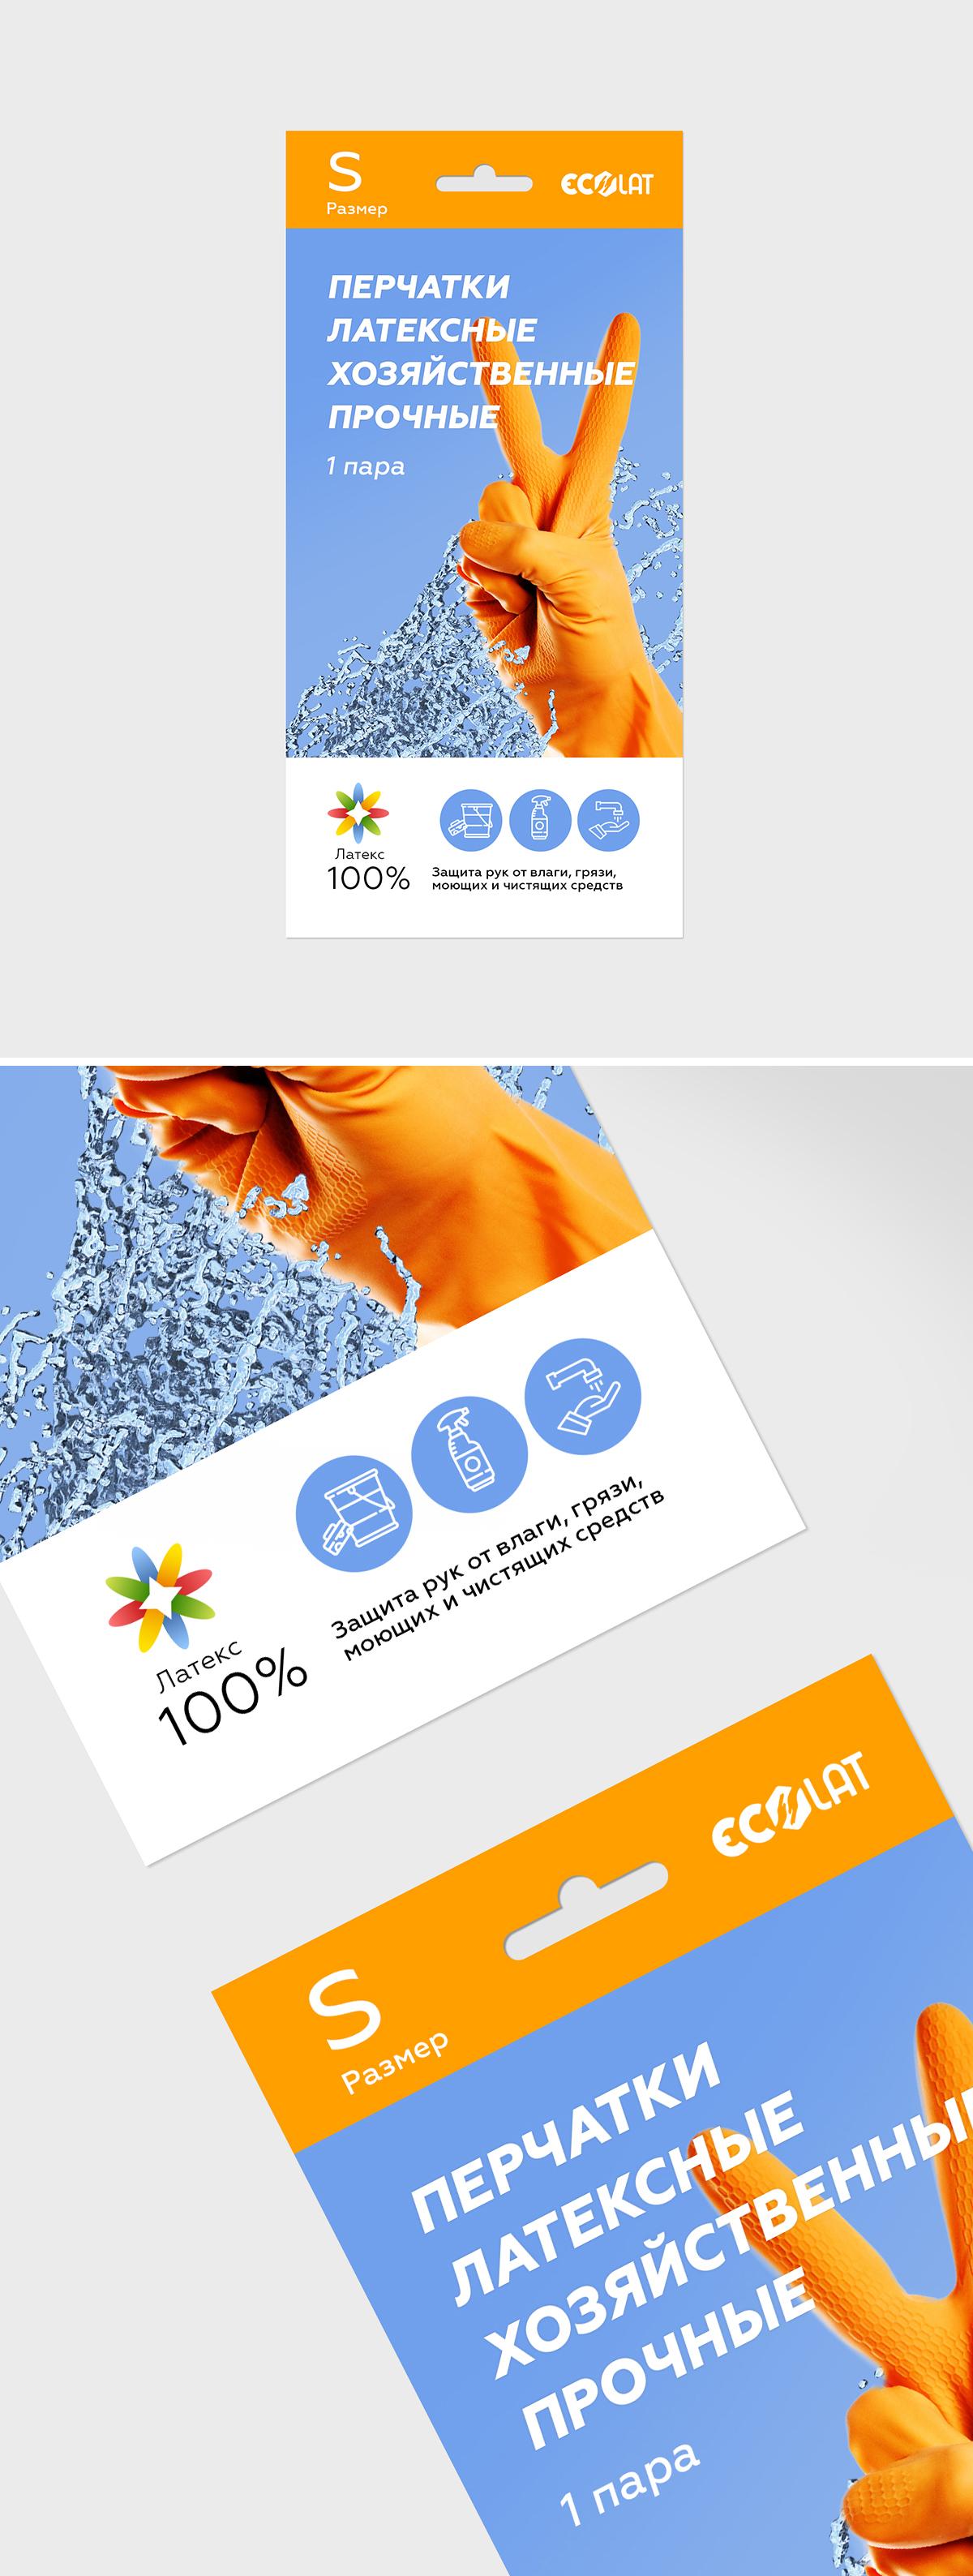 Создать дизайн для хозяйственных перчаток для упаковки flow pack фото f_0475d6e54e0a84bc.jpg